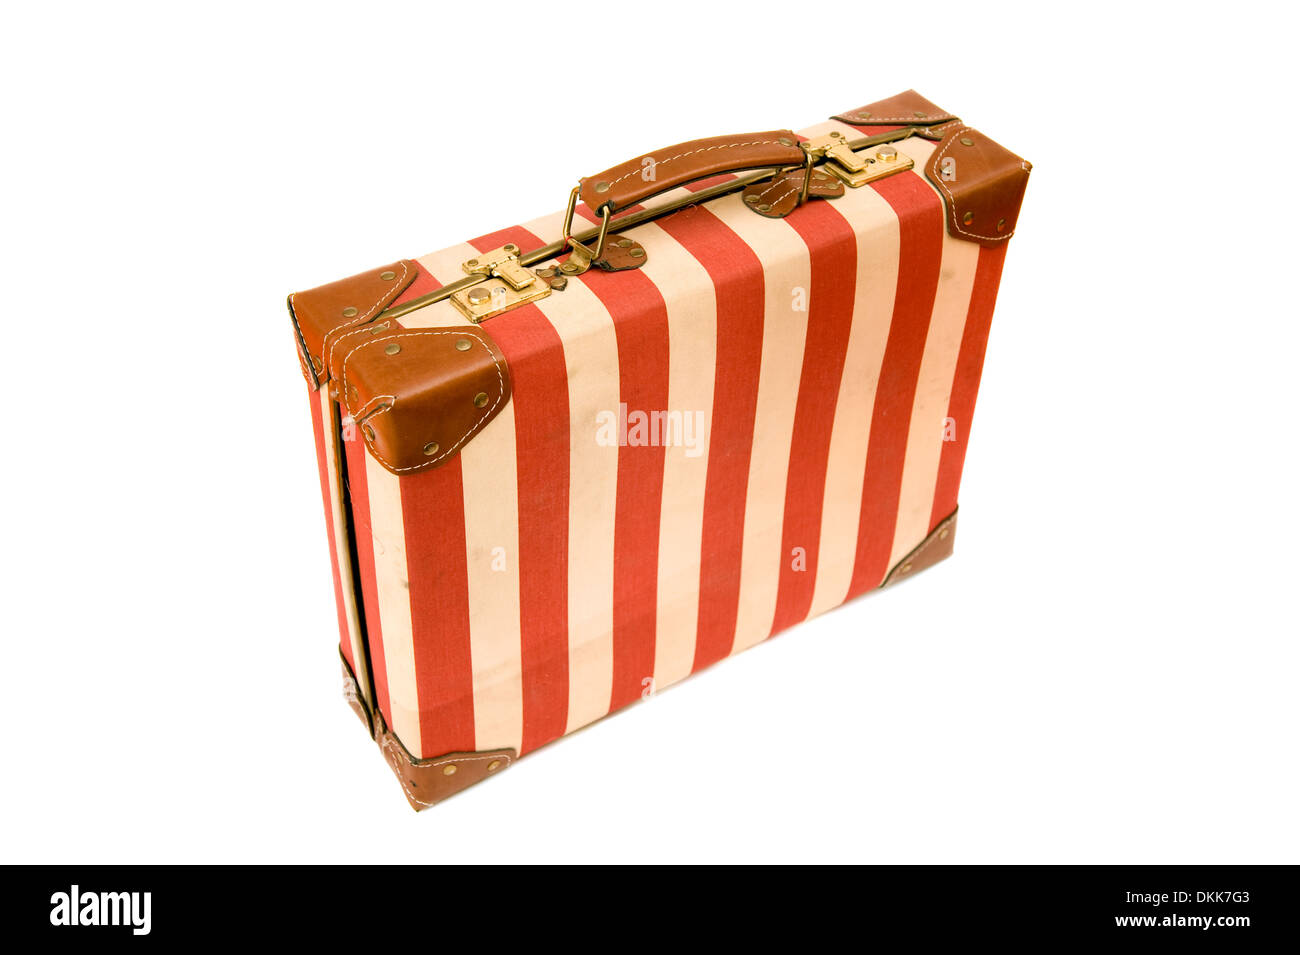 Vintage suitcase isolated on white - Stock Image